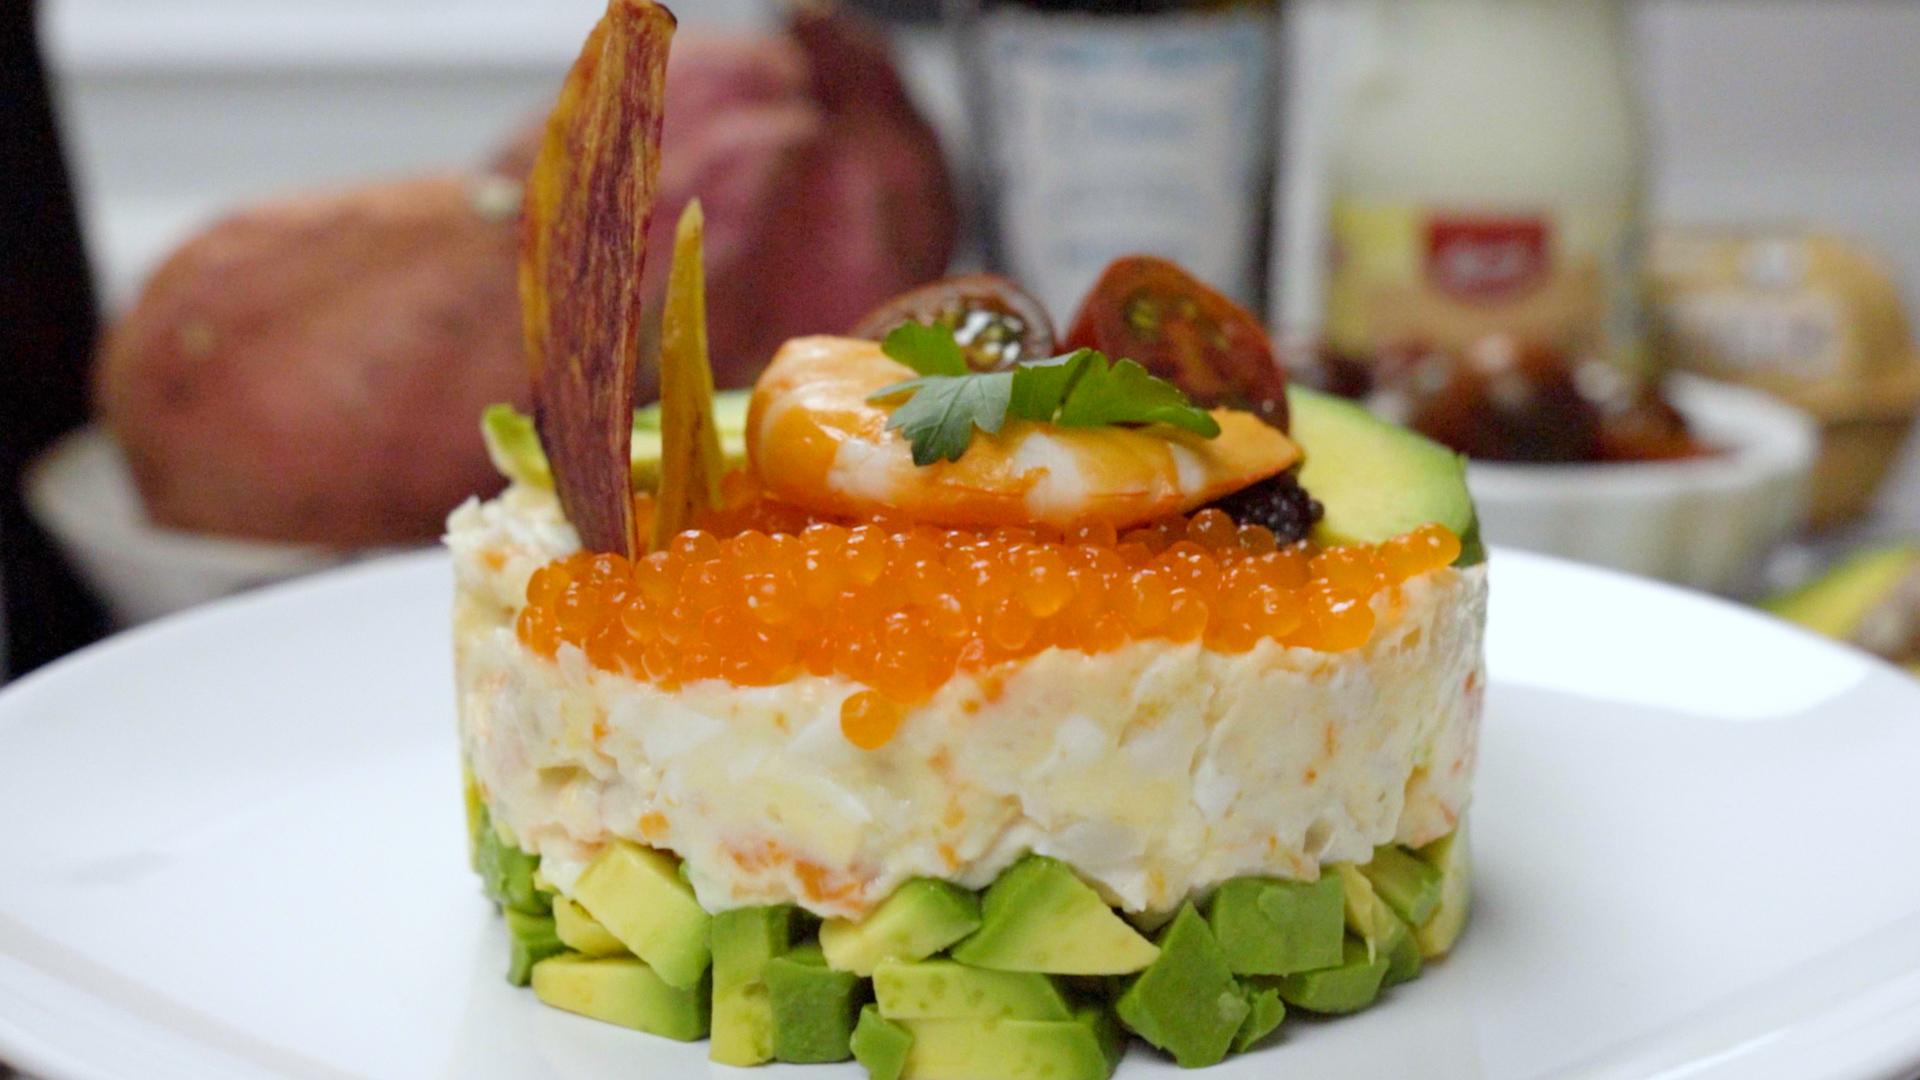 Transforma el entrante más típico en un plato gourmet